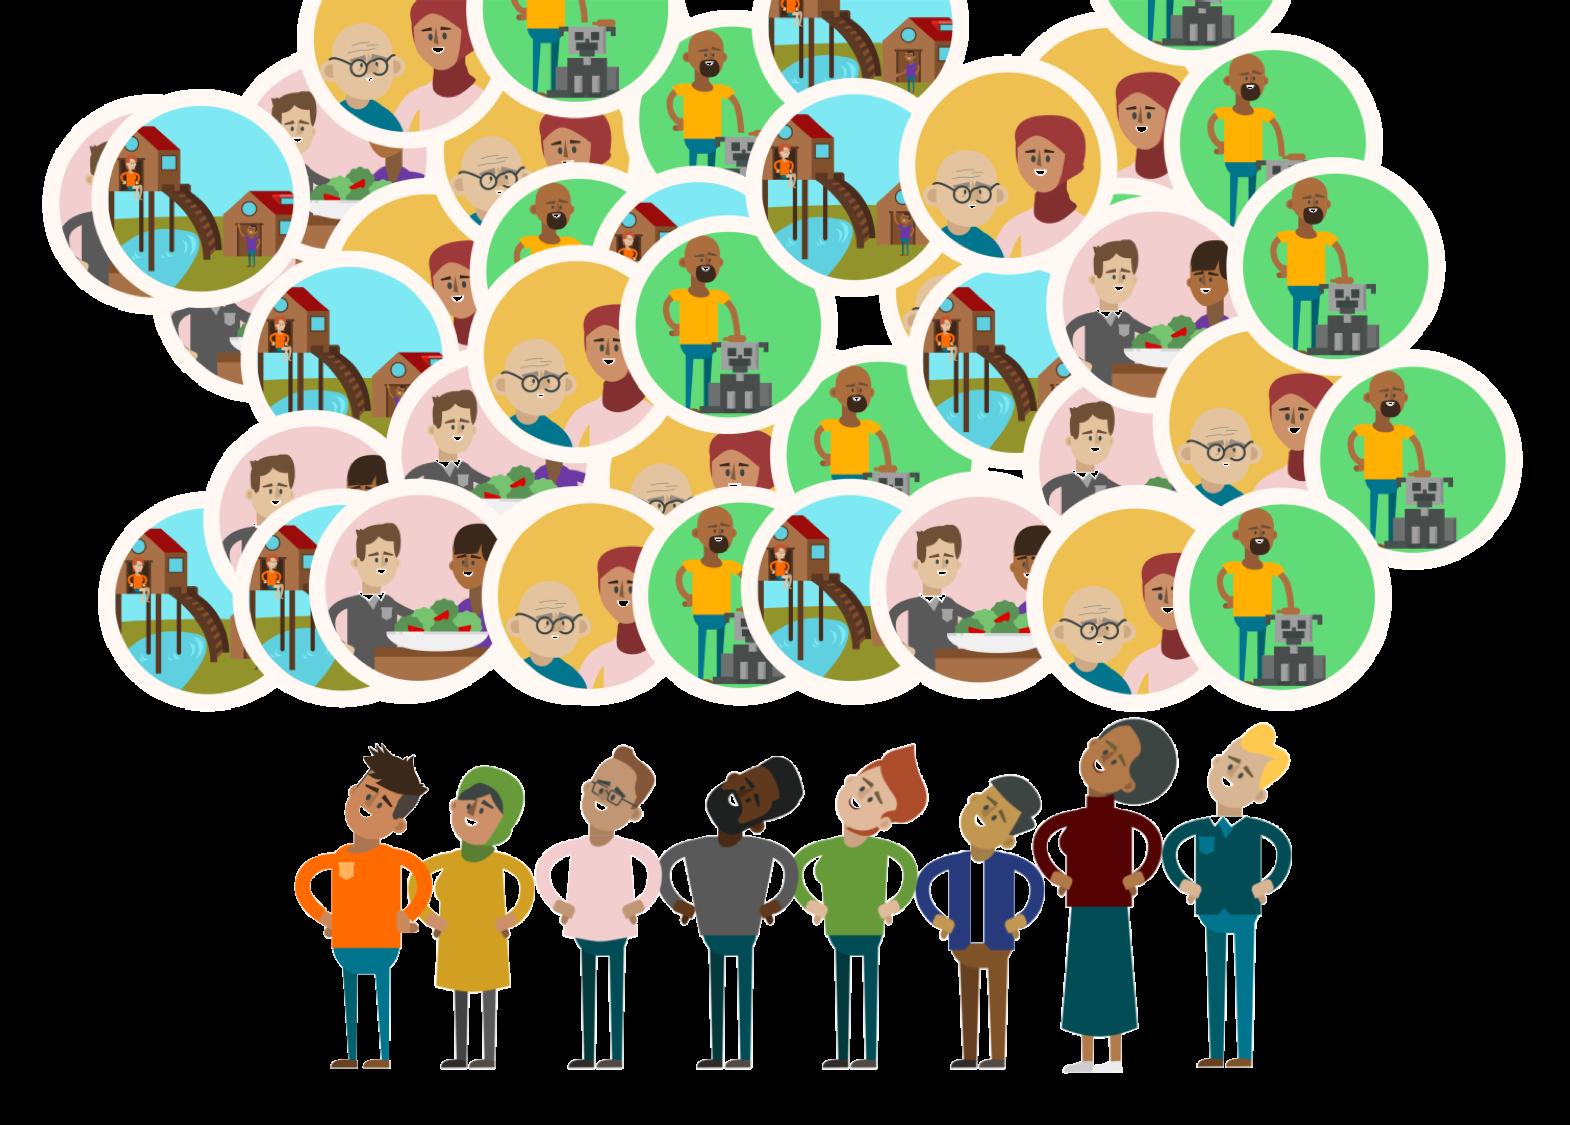 groeiplan sociaal ondernemer